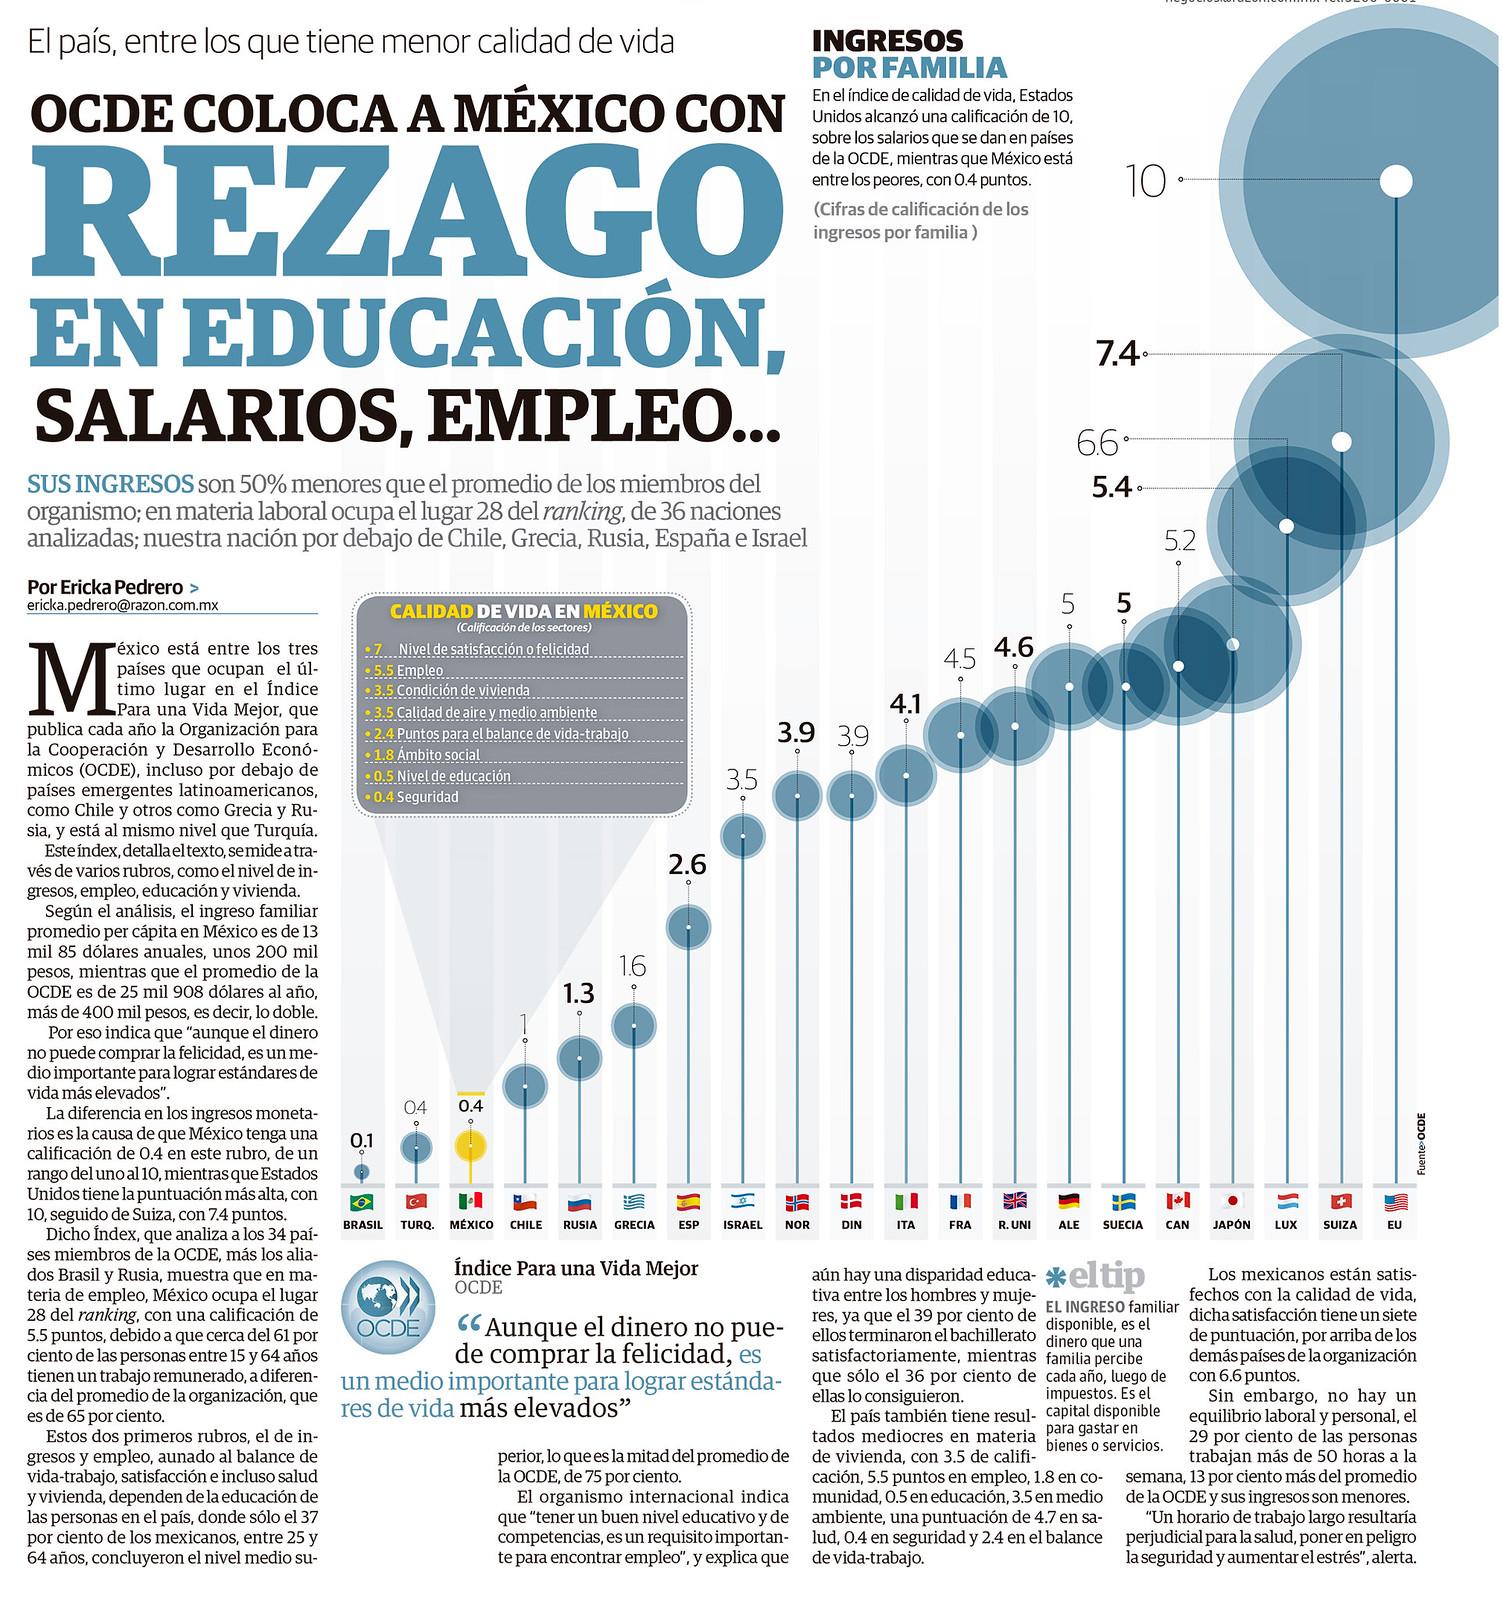 OCDE coloca a México con rezago en educación, salarios, empleo...